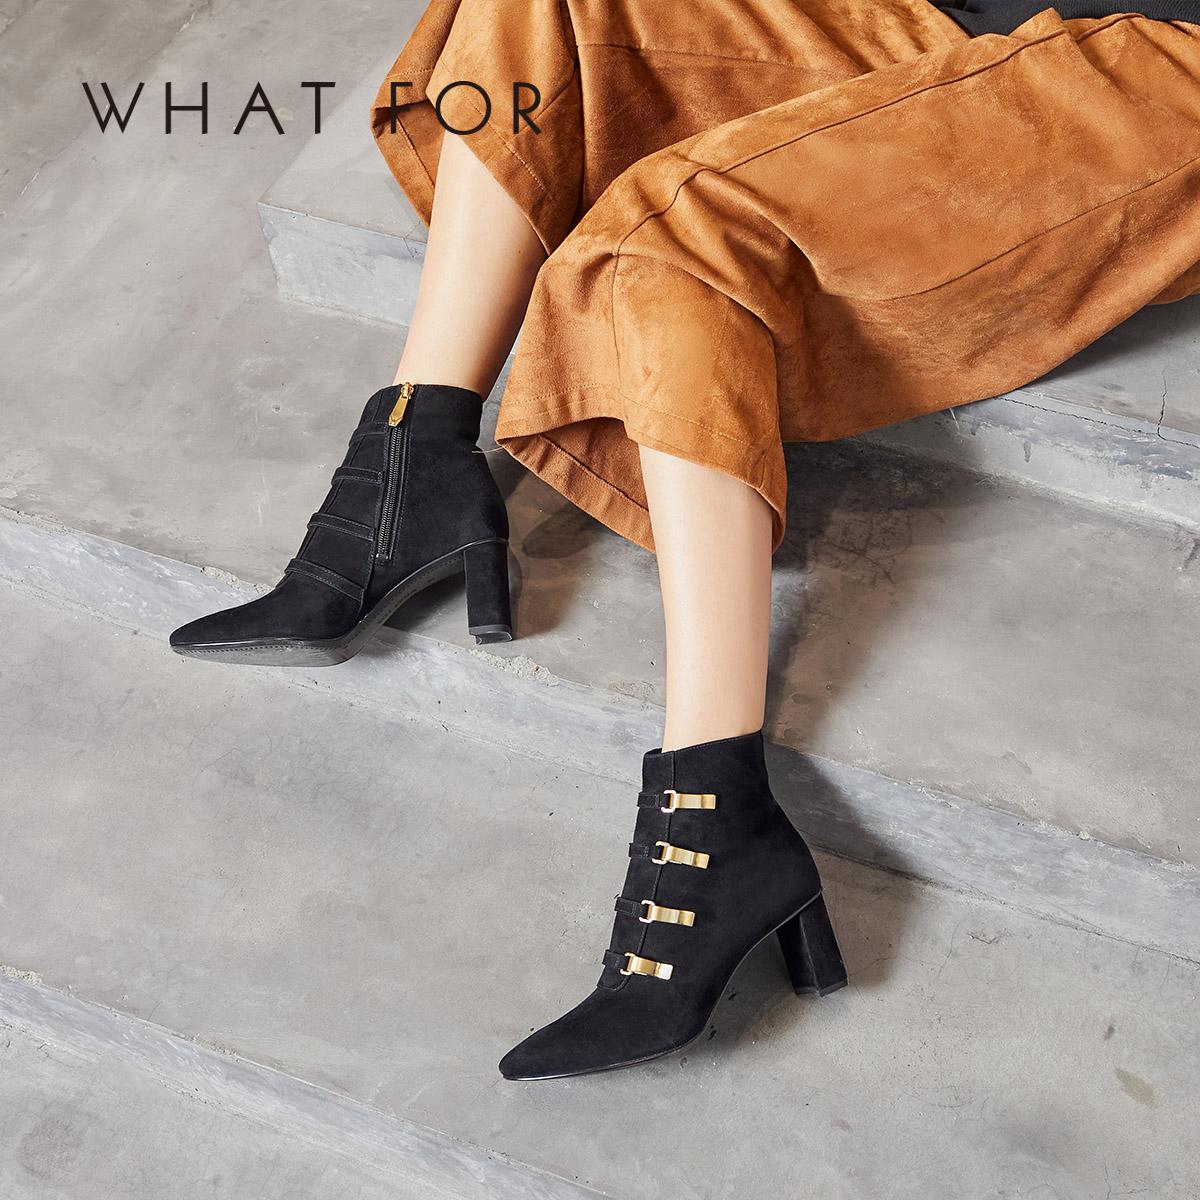 WHAT FOR2018秋冬新款羊反毛尖头休闲时尚粗跟高跟短筒靴子女短靴